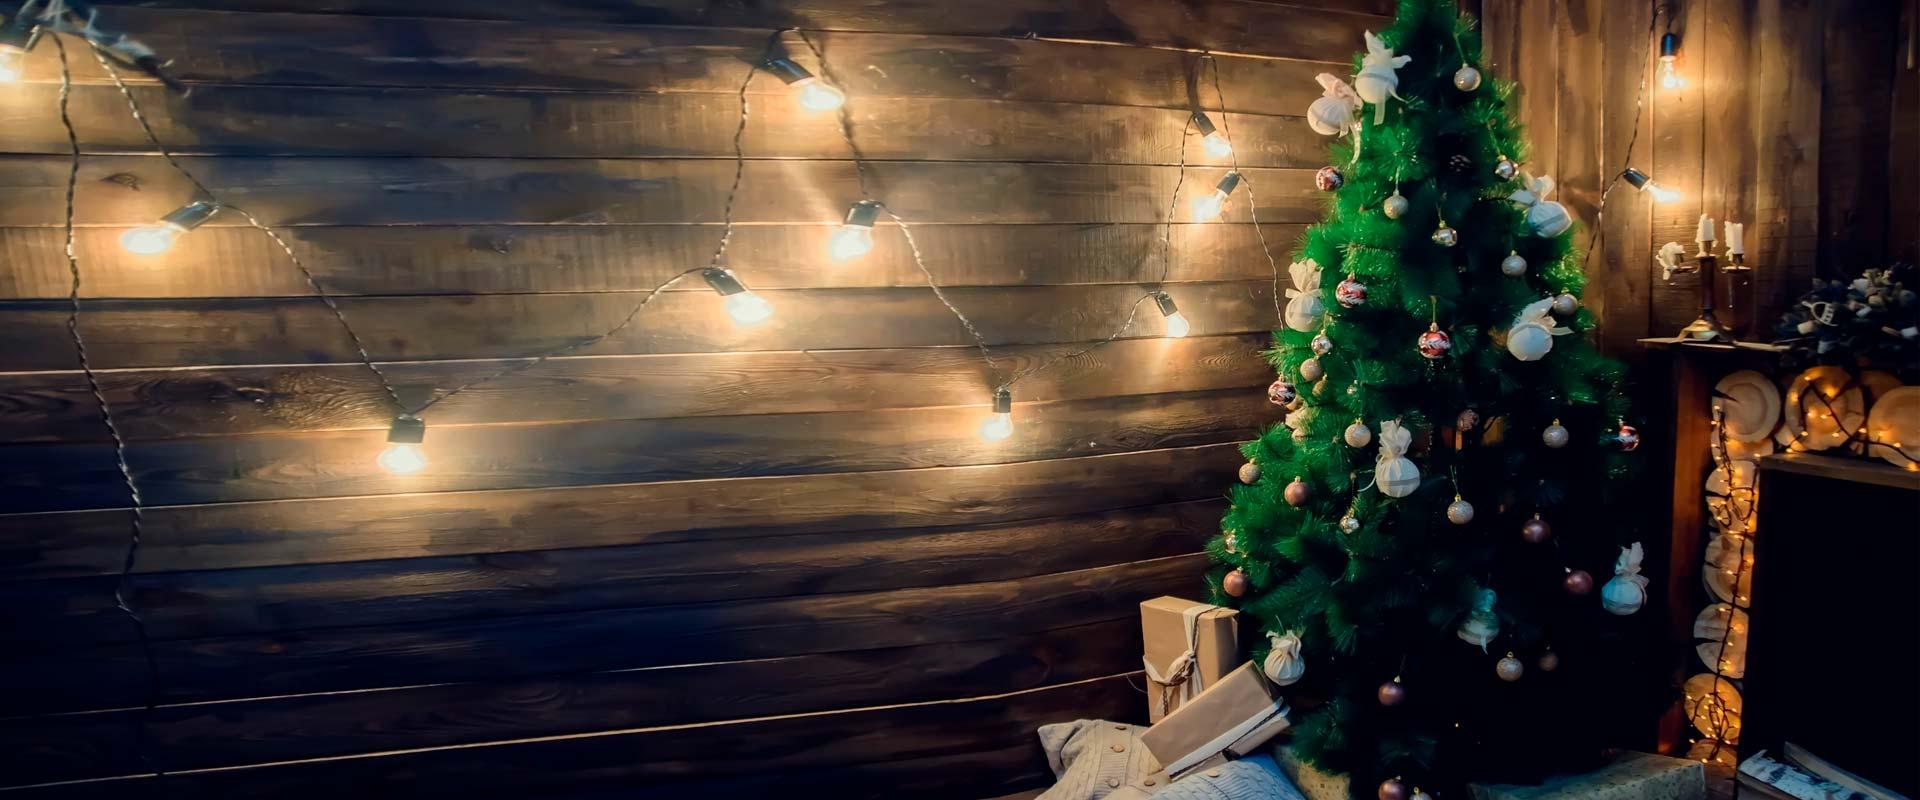 Decoração de interiores: Já vestiu a sua casa para o Natal?